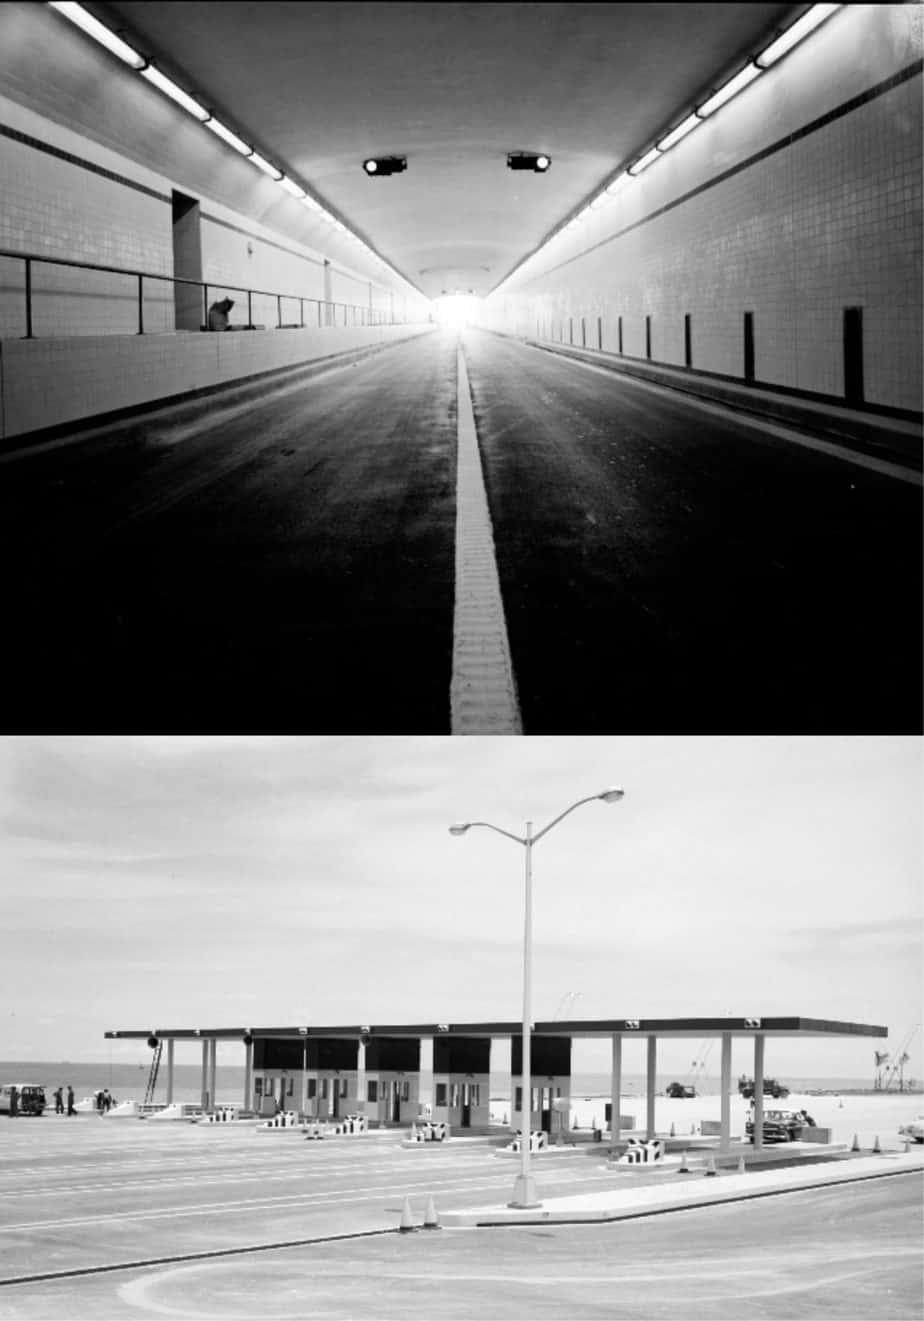 Las 7 Maravillas de la ingeniería civil cubana Túnel de La Habana + Imágenes